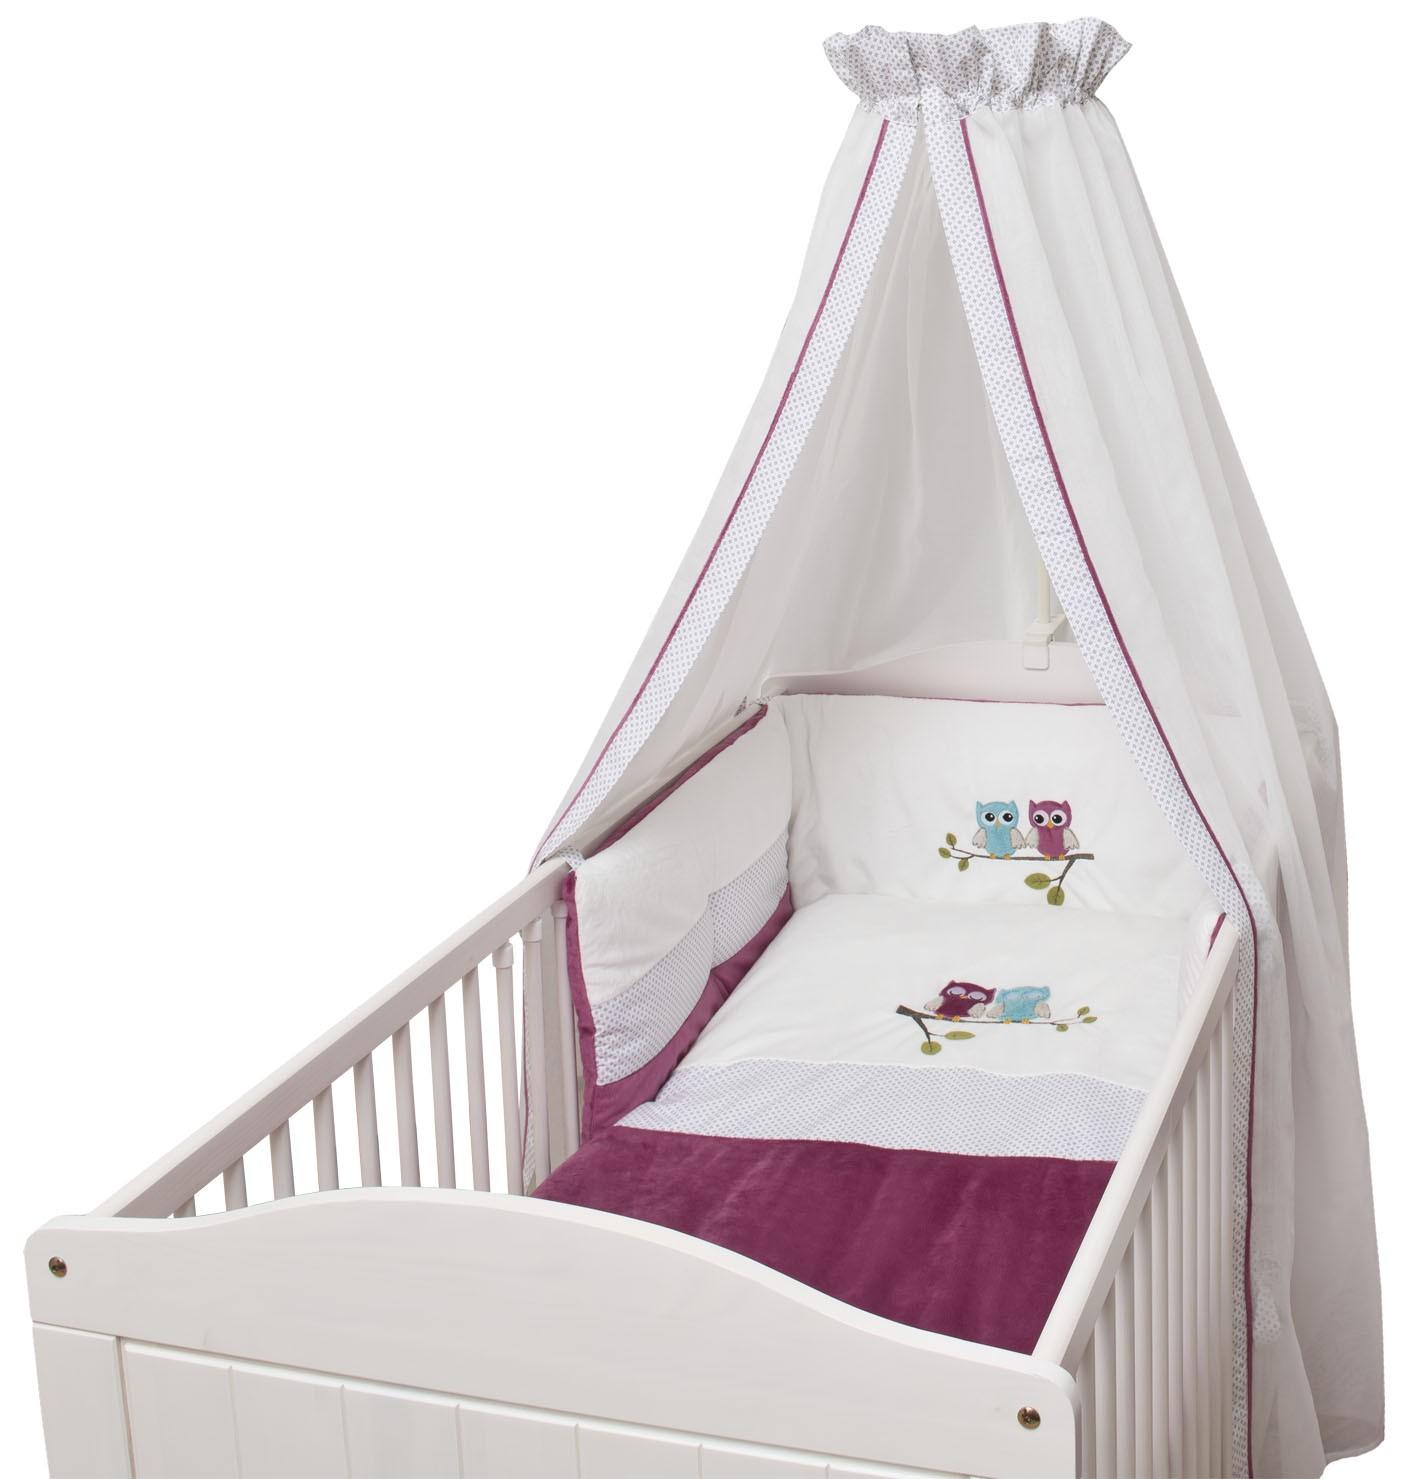 Be Be 180 S Collection Bettset Bettdecke Kissen Nestchen